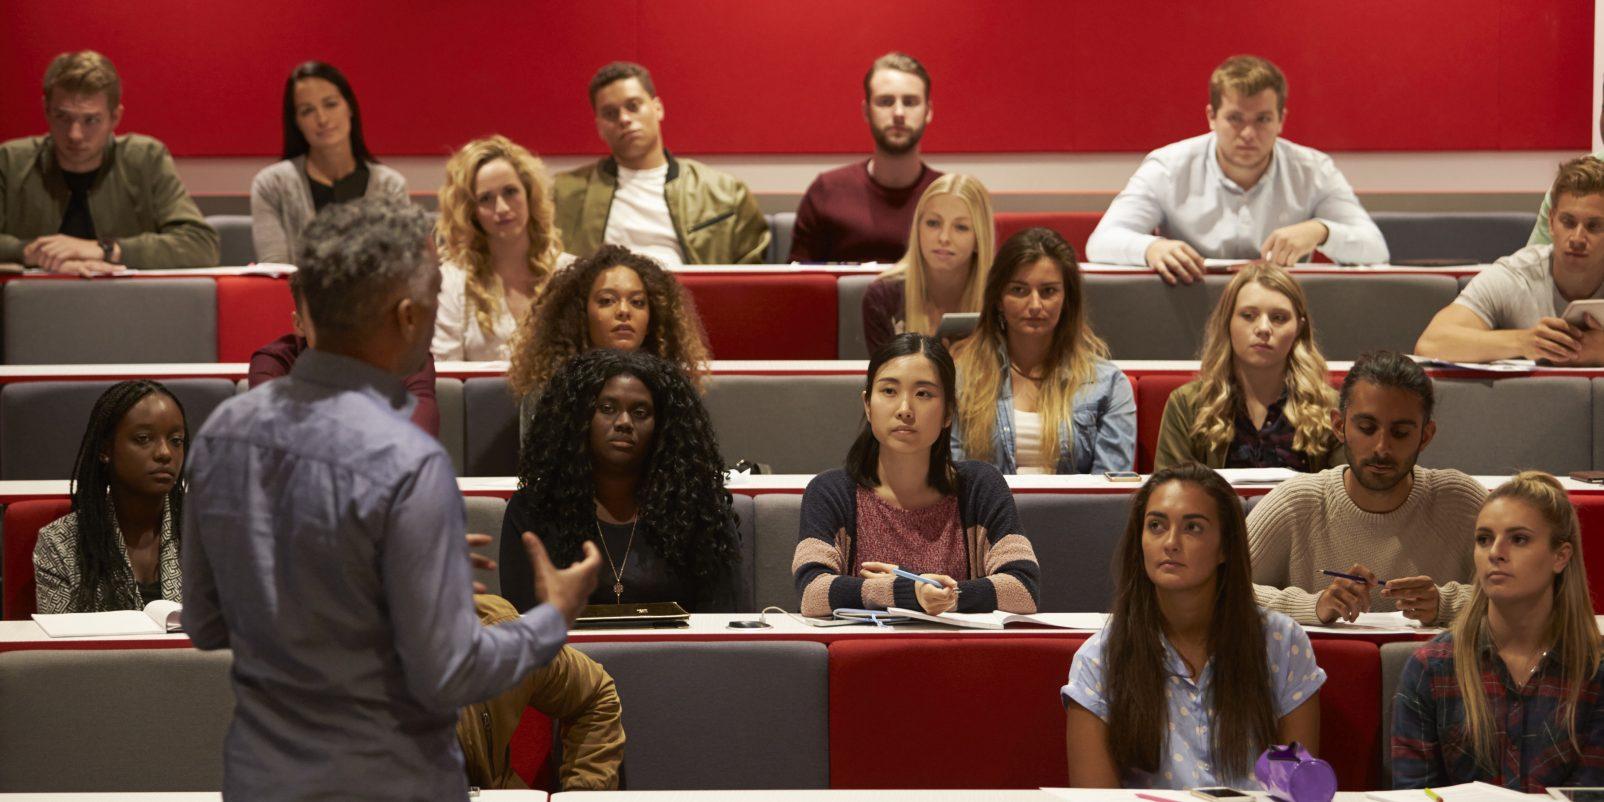 Föreläsning, studenter, universitet, högskola, lärarutbildning, lärarstudenter